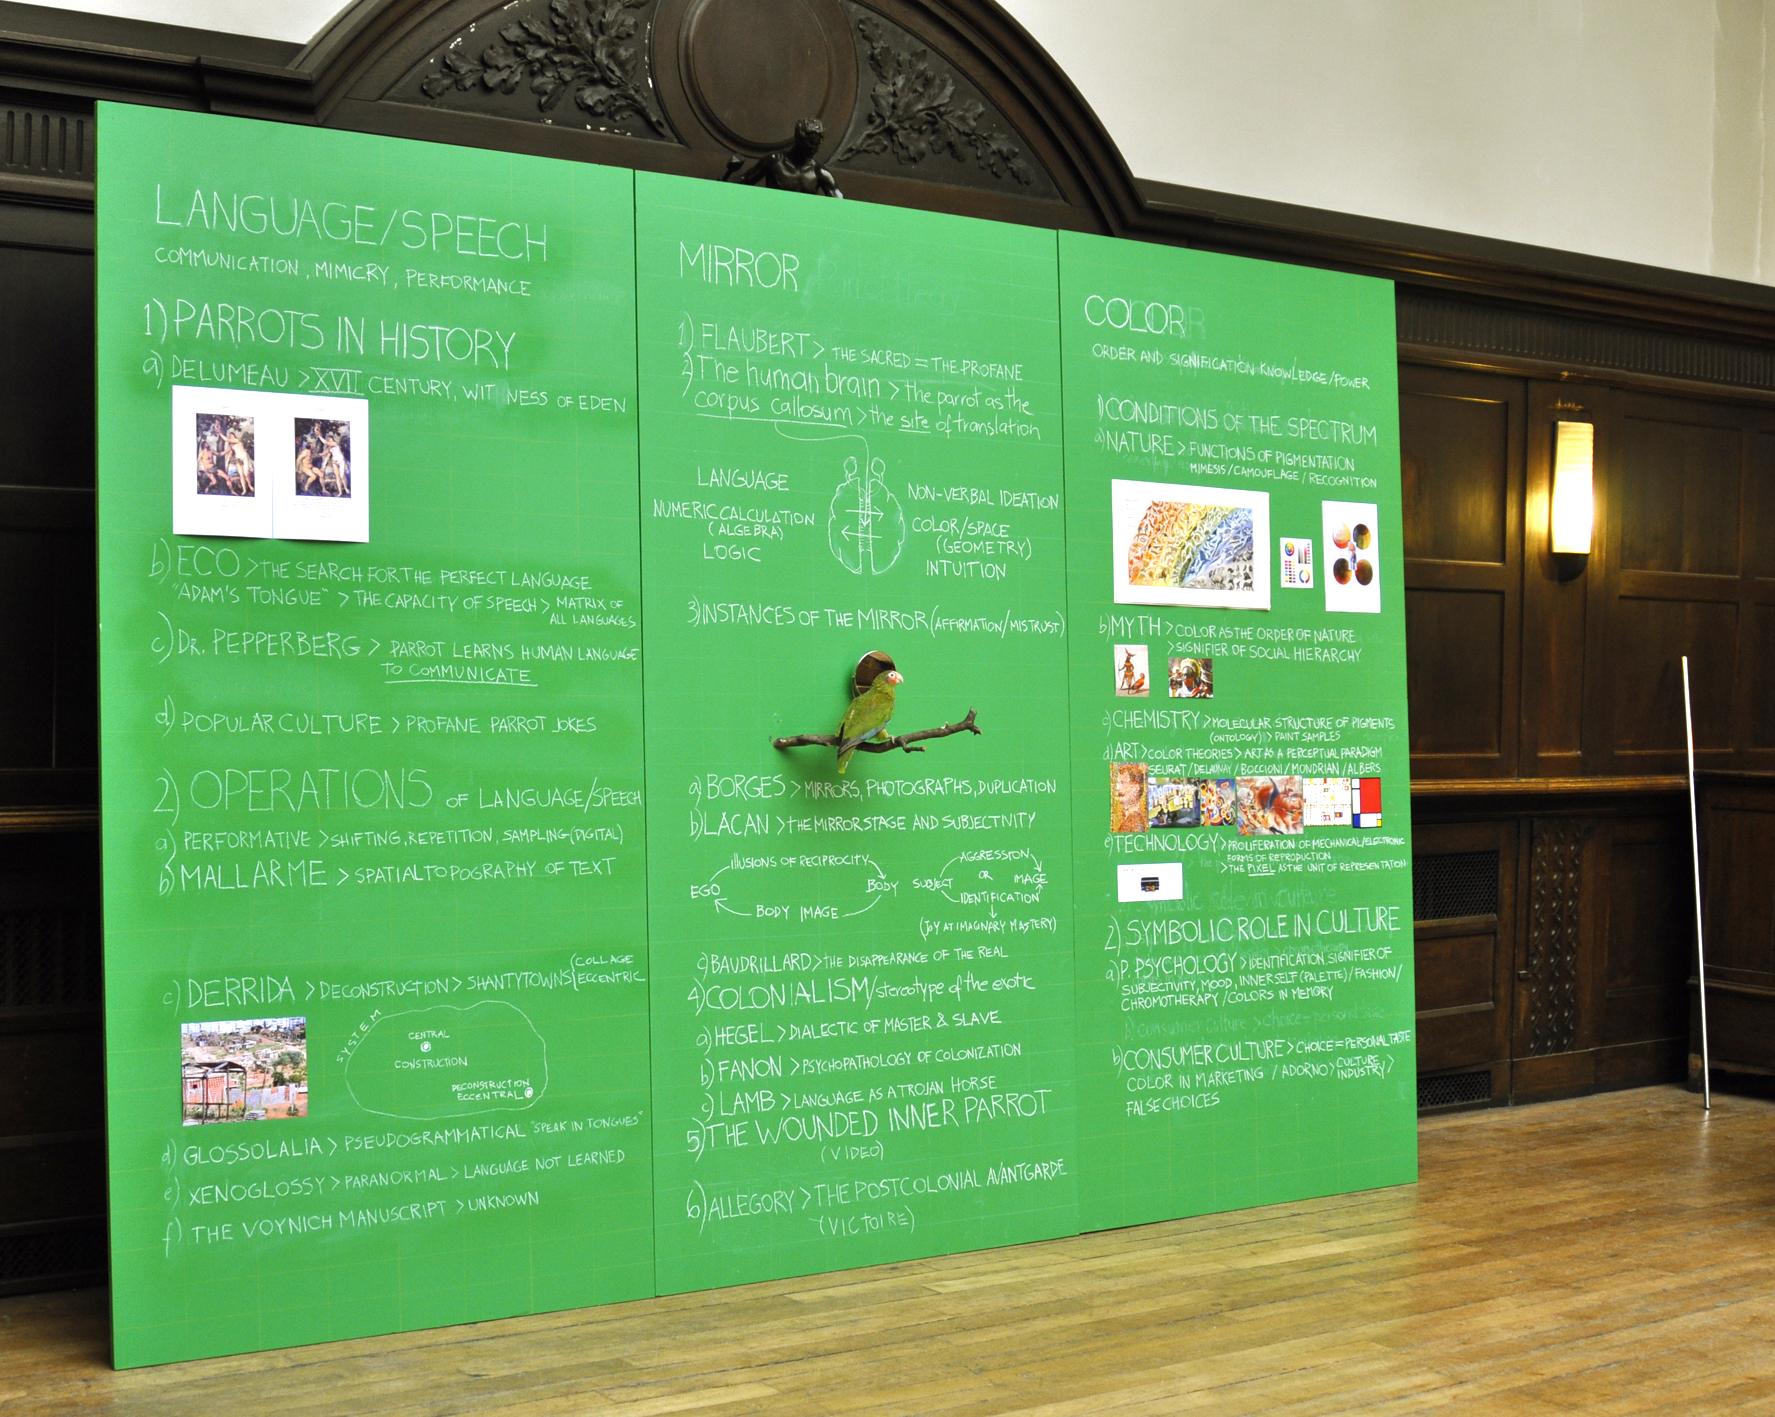 Parrot theory blackboard.jpg